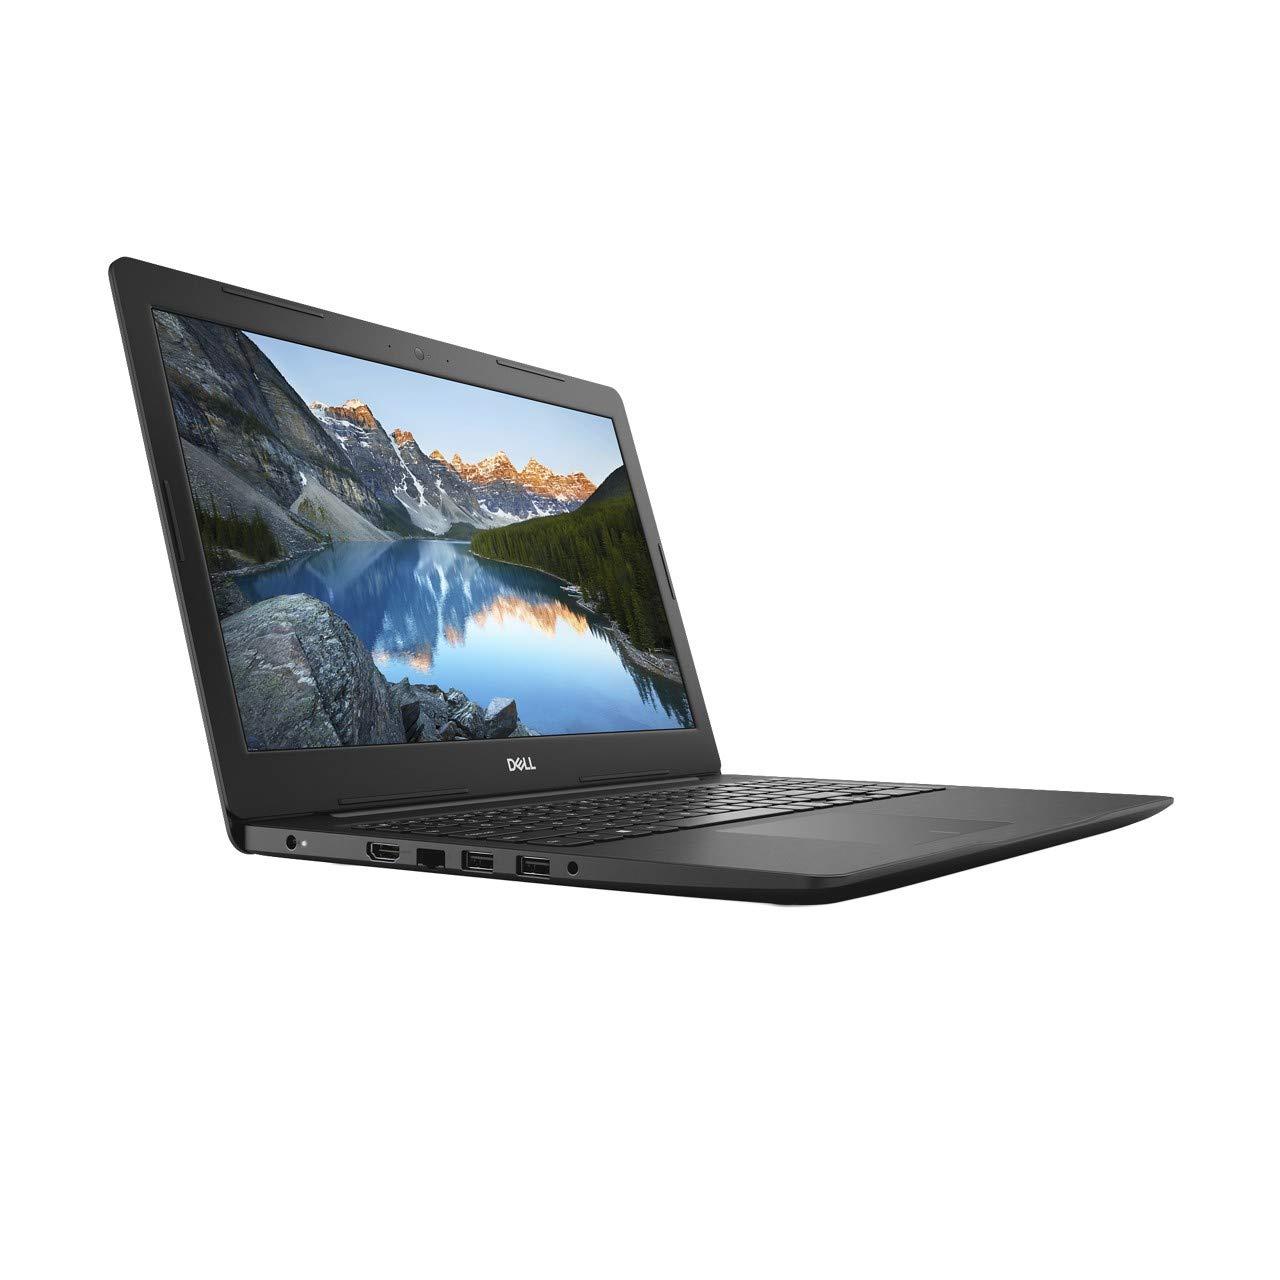 Dell Inspiron 15 5570 15.6